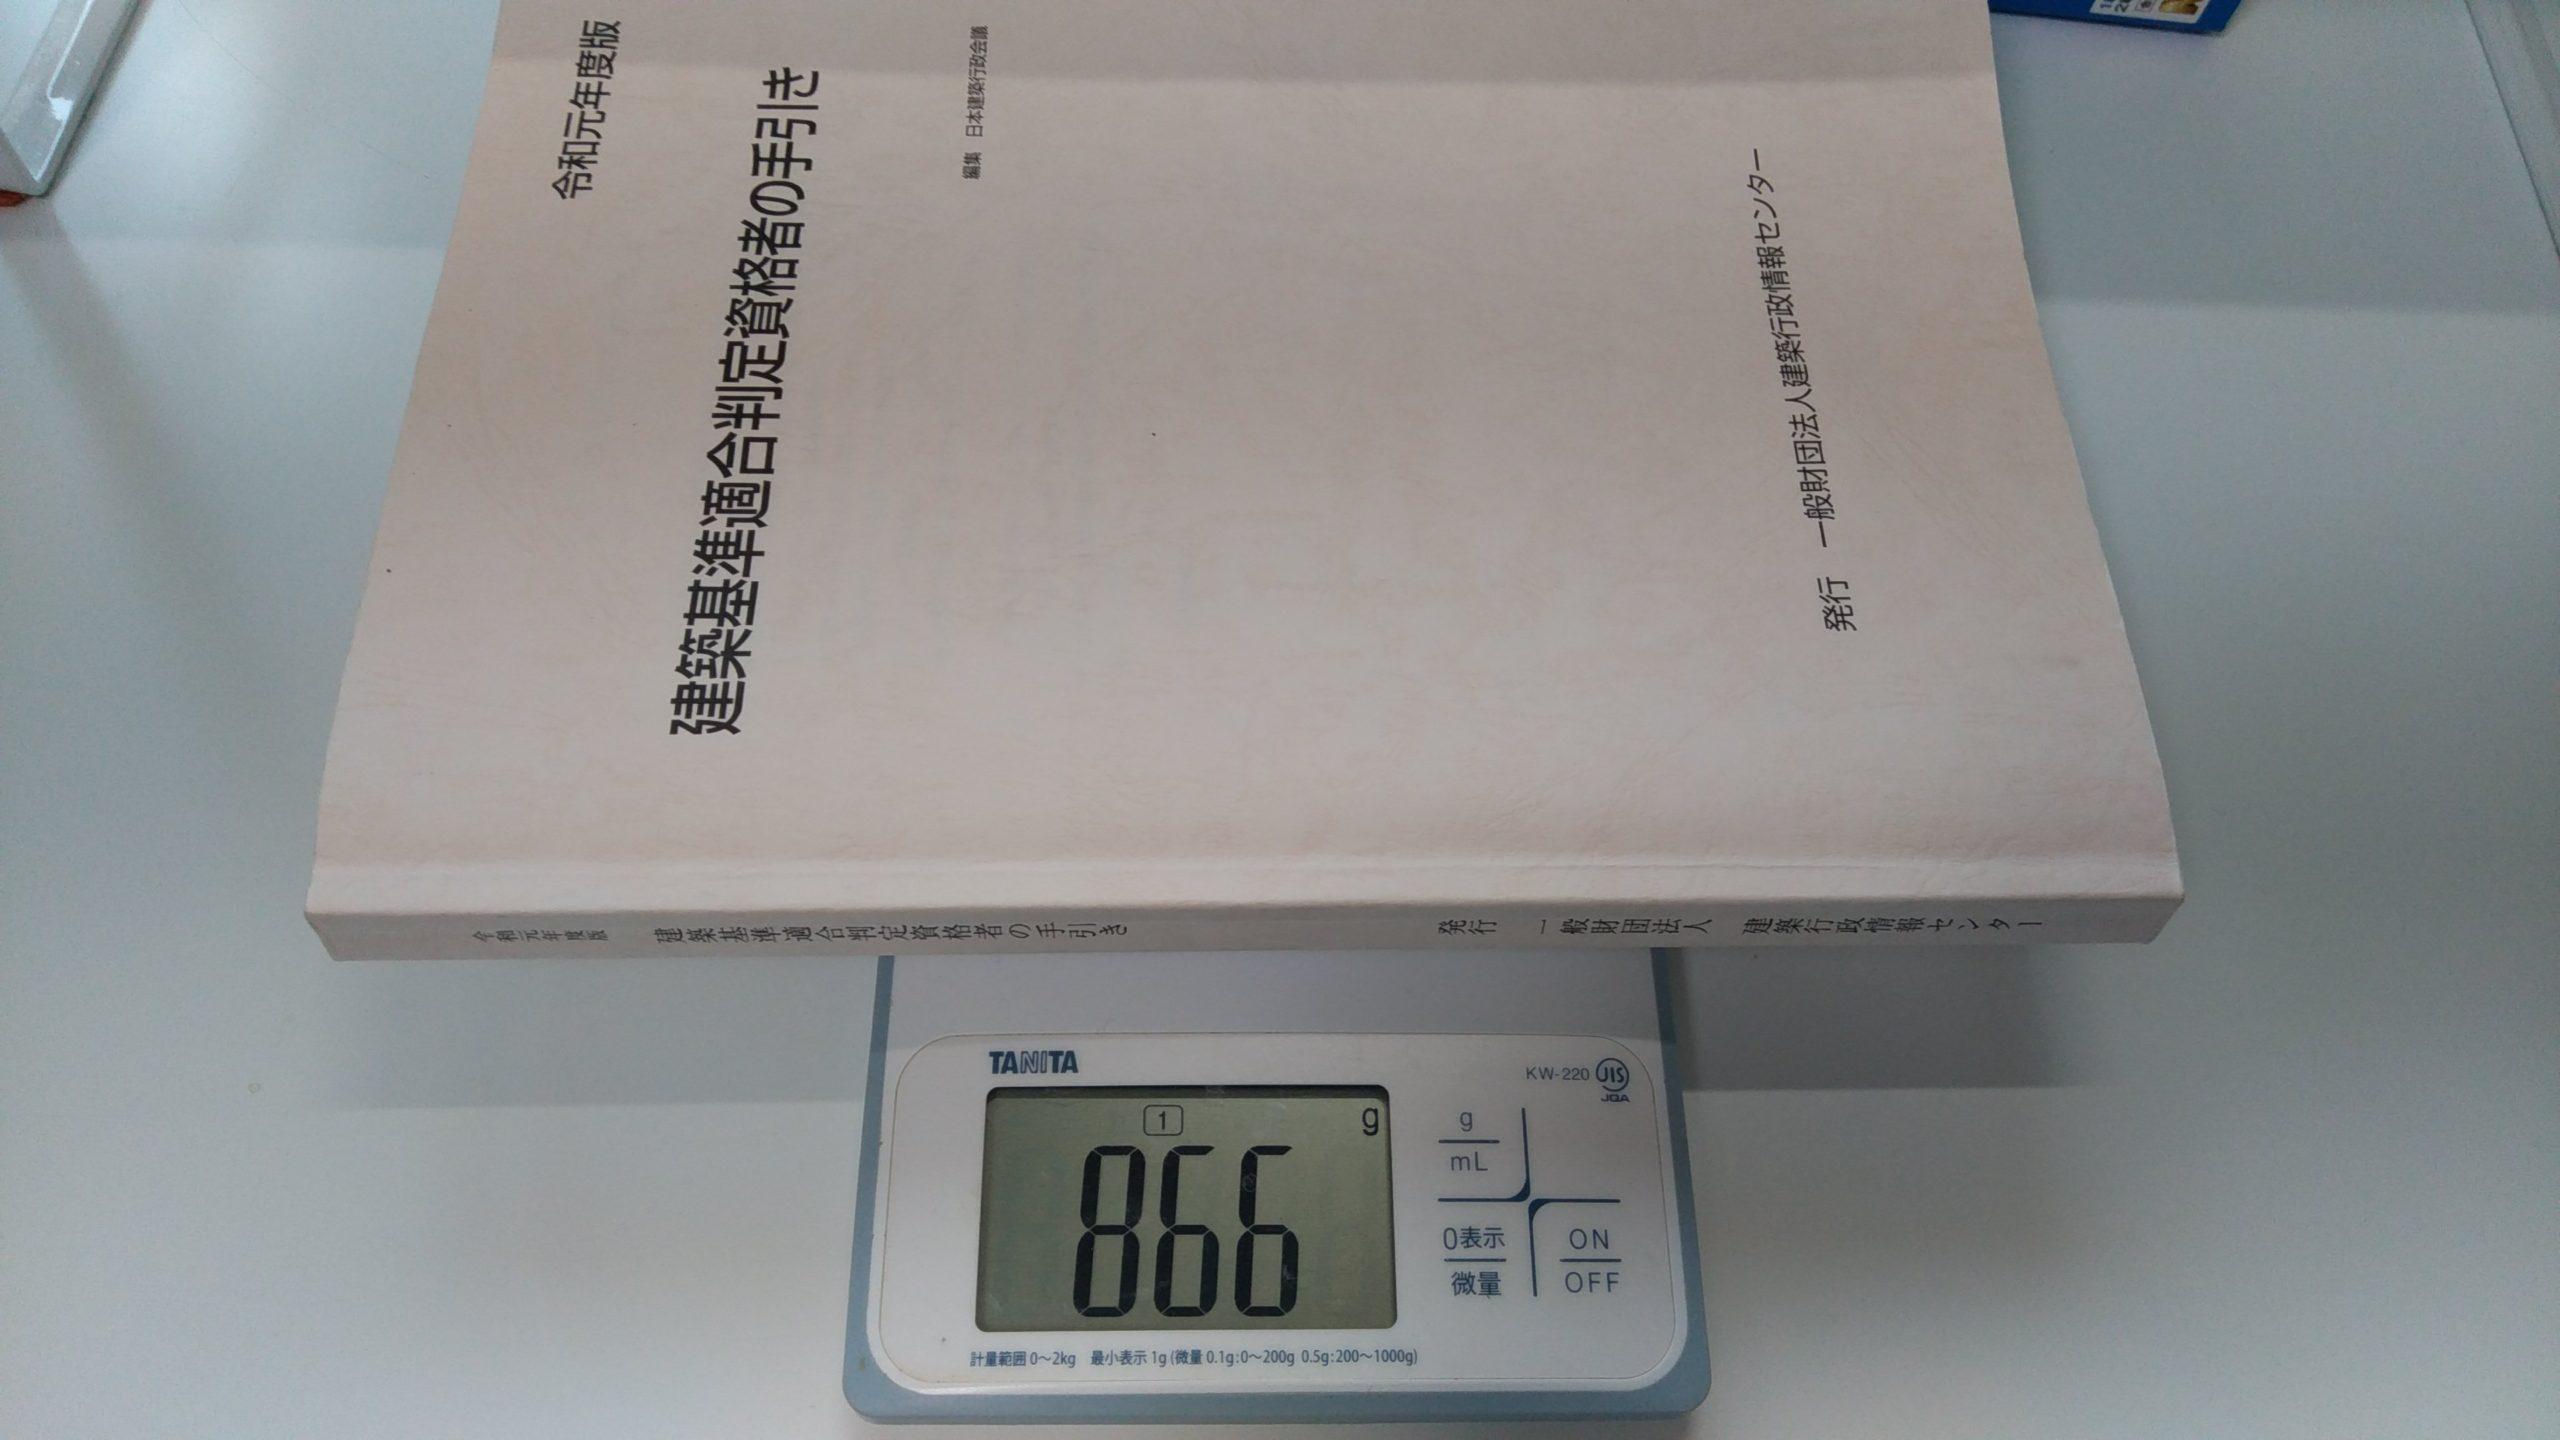 ICBA手引きの重さ(866g)